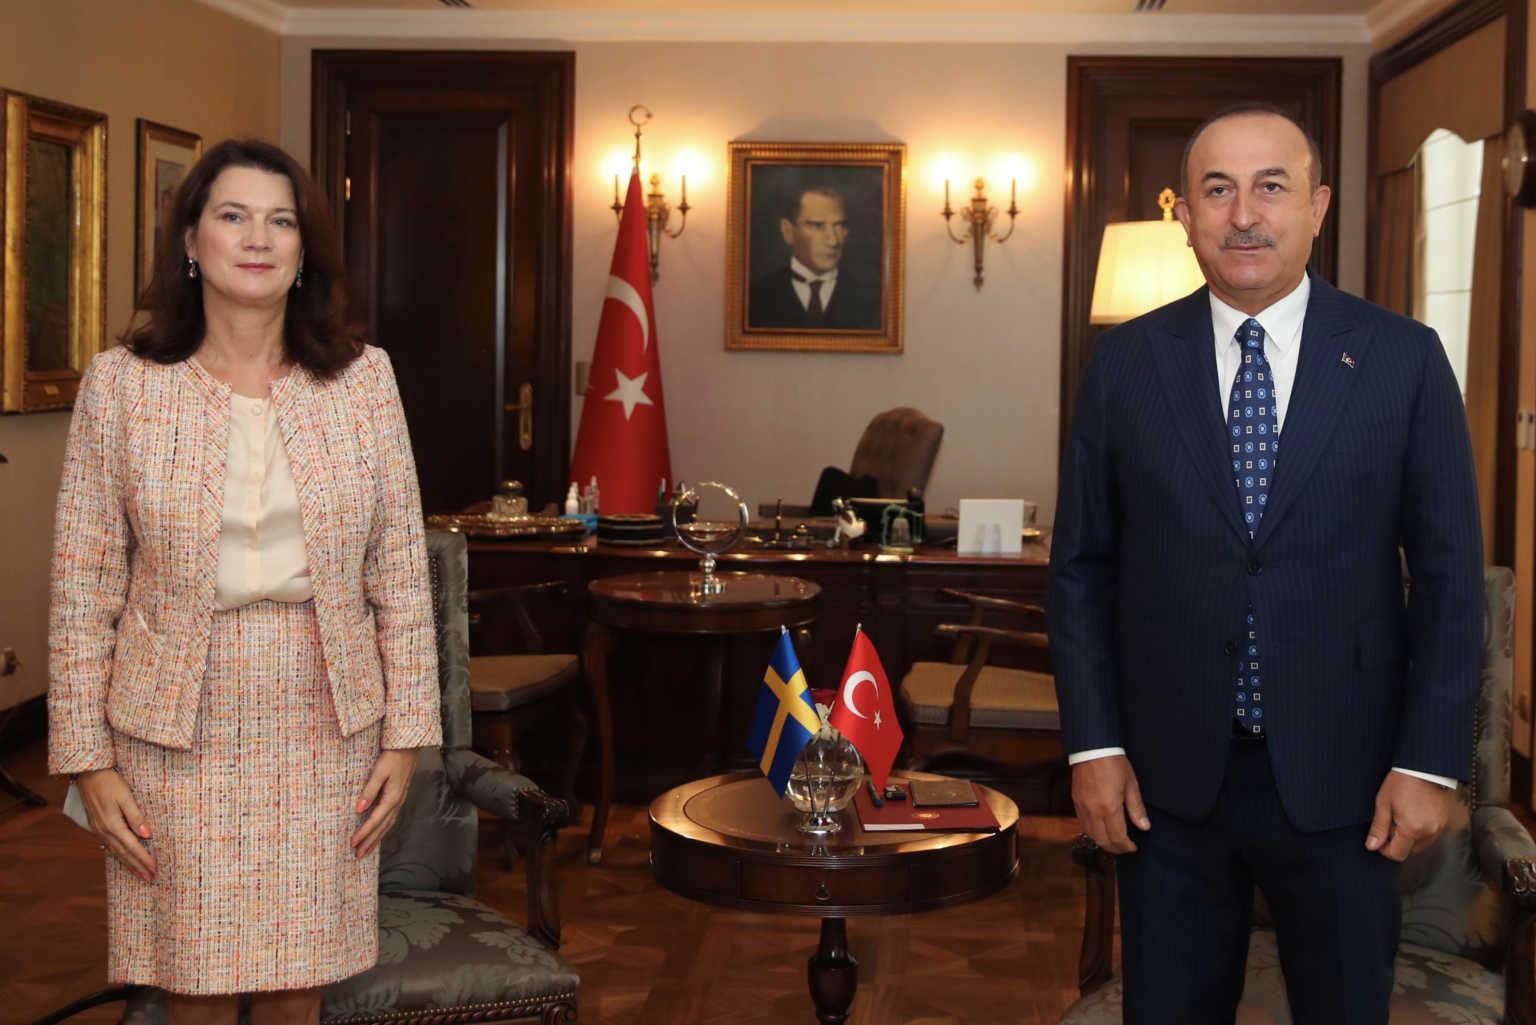 Απίστευτος Τσαβούσογλου! Τα έβαλε με την Σουηδή υπουργό Εξωτερικών για Κύπρο, Ελλάδα και Συρία!